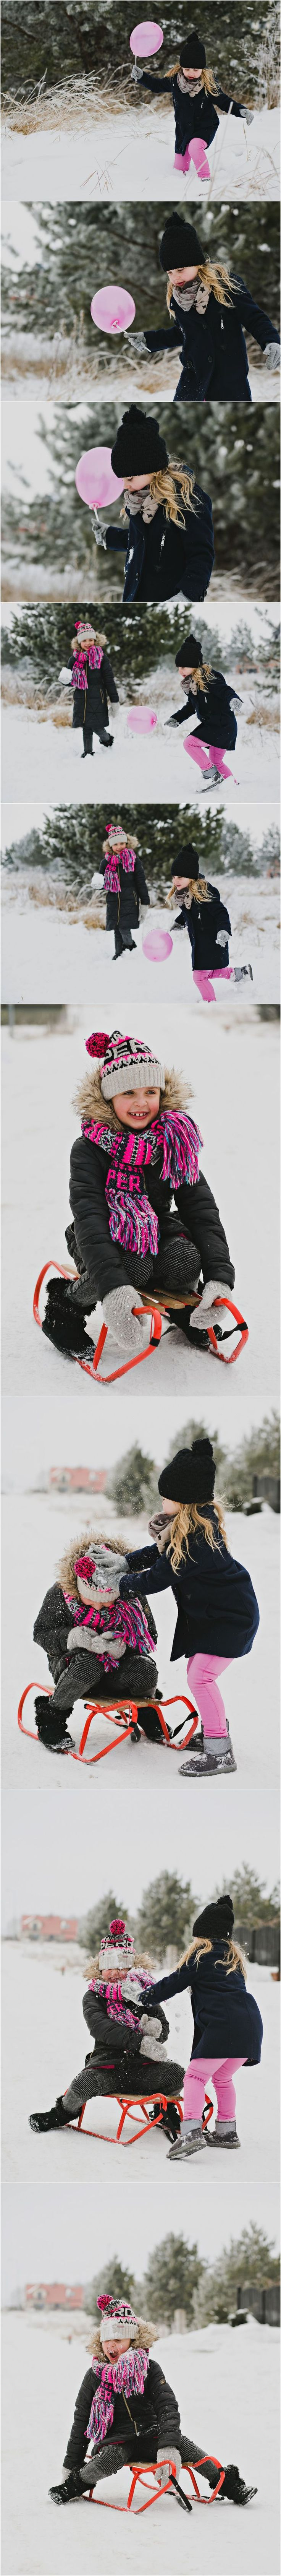 Zimowa sesja rodzinna, Fotograf Ełk, Sesja rodzinna Ełk,